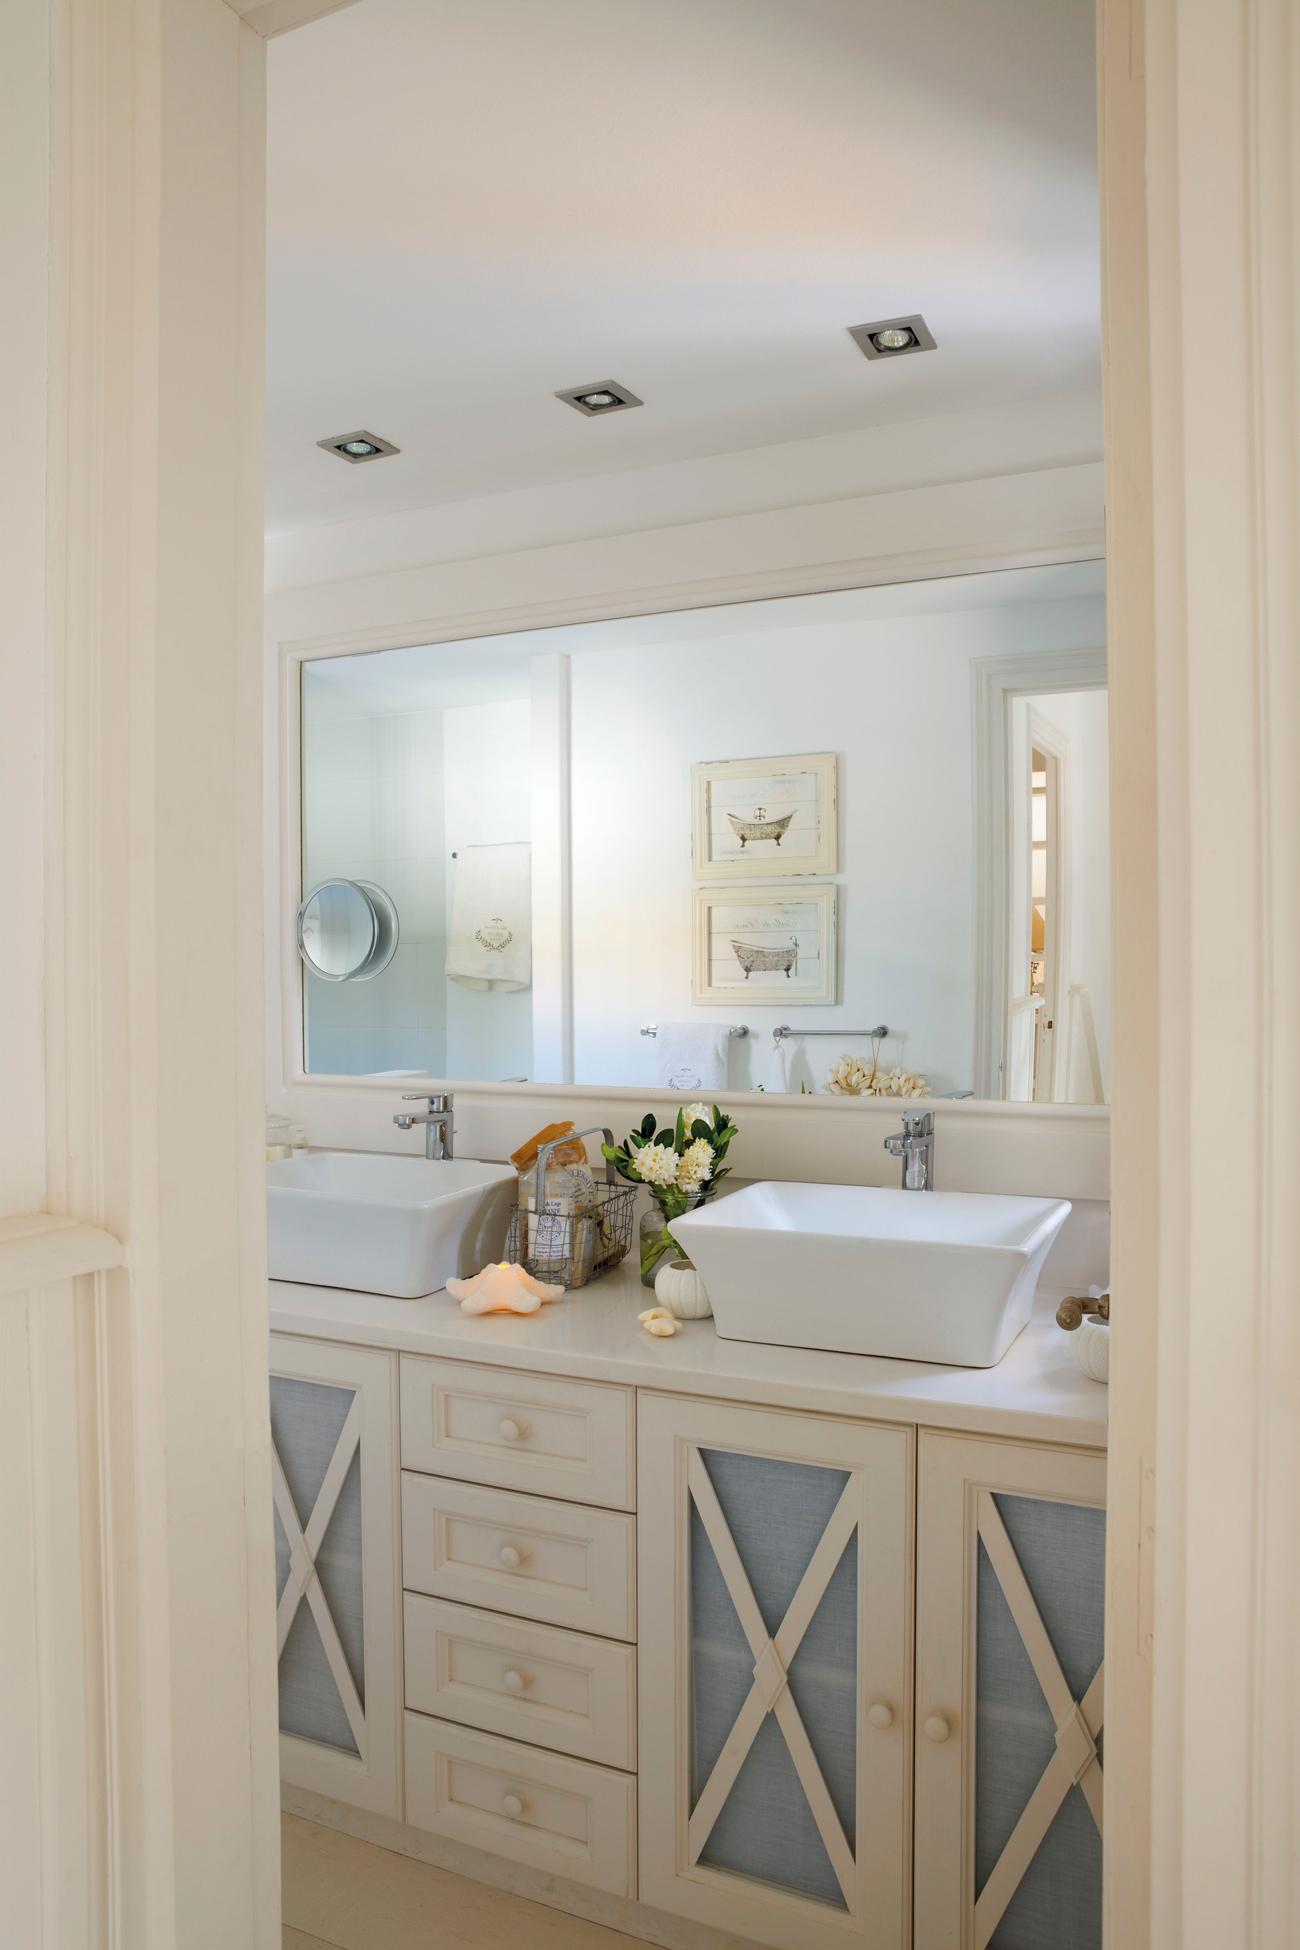 Elige el estilo de tu ba o antes de reformarlo - Cenefas para espejos ...